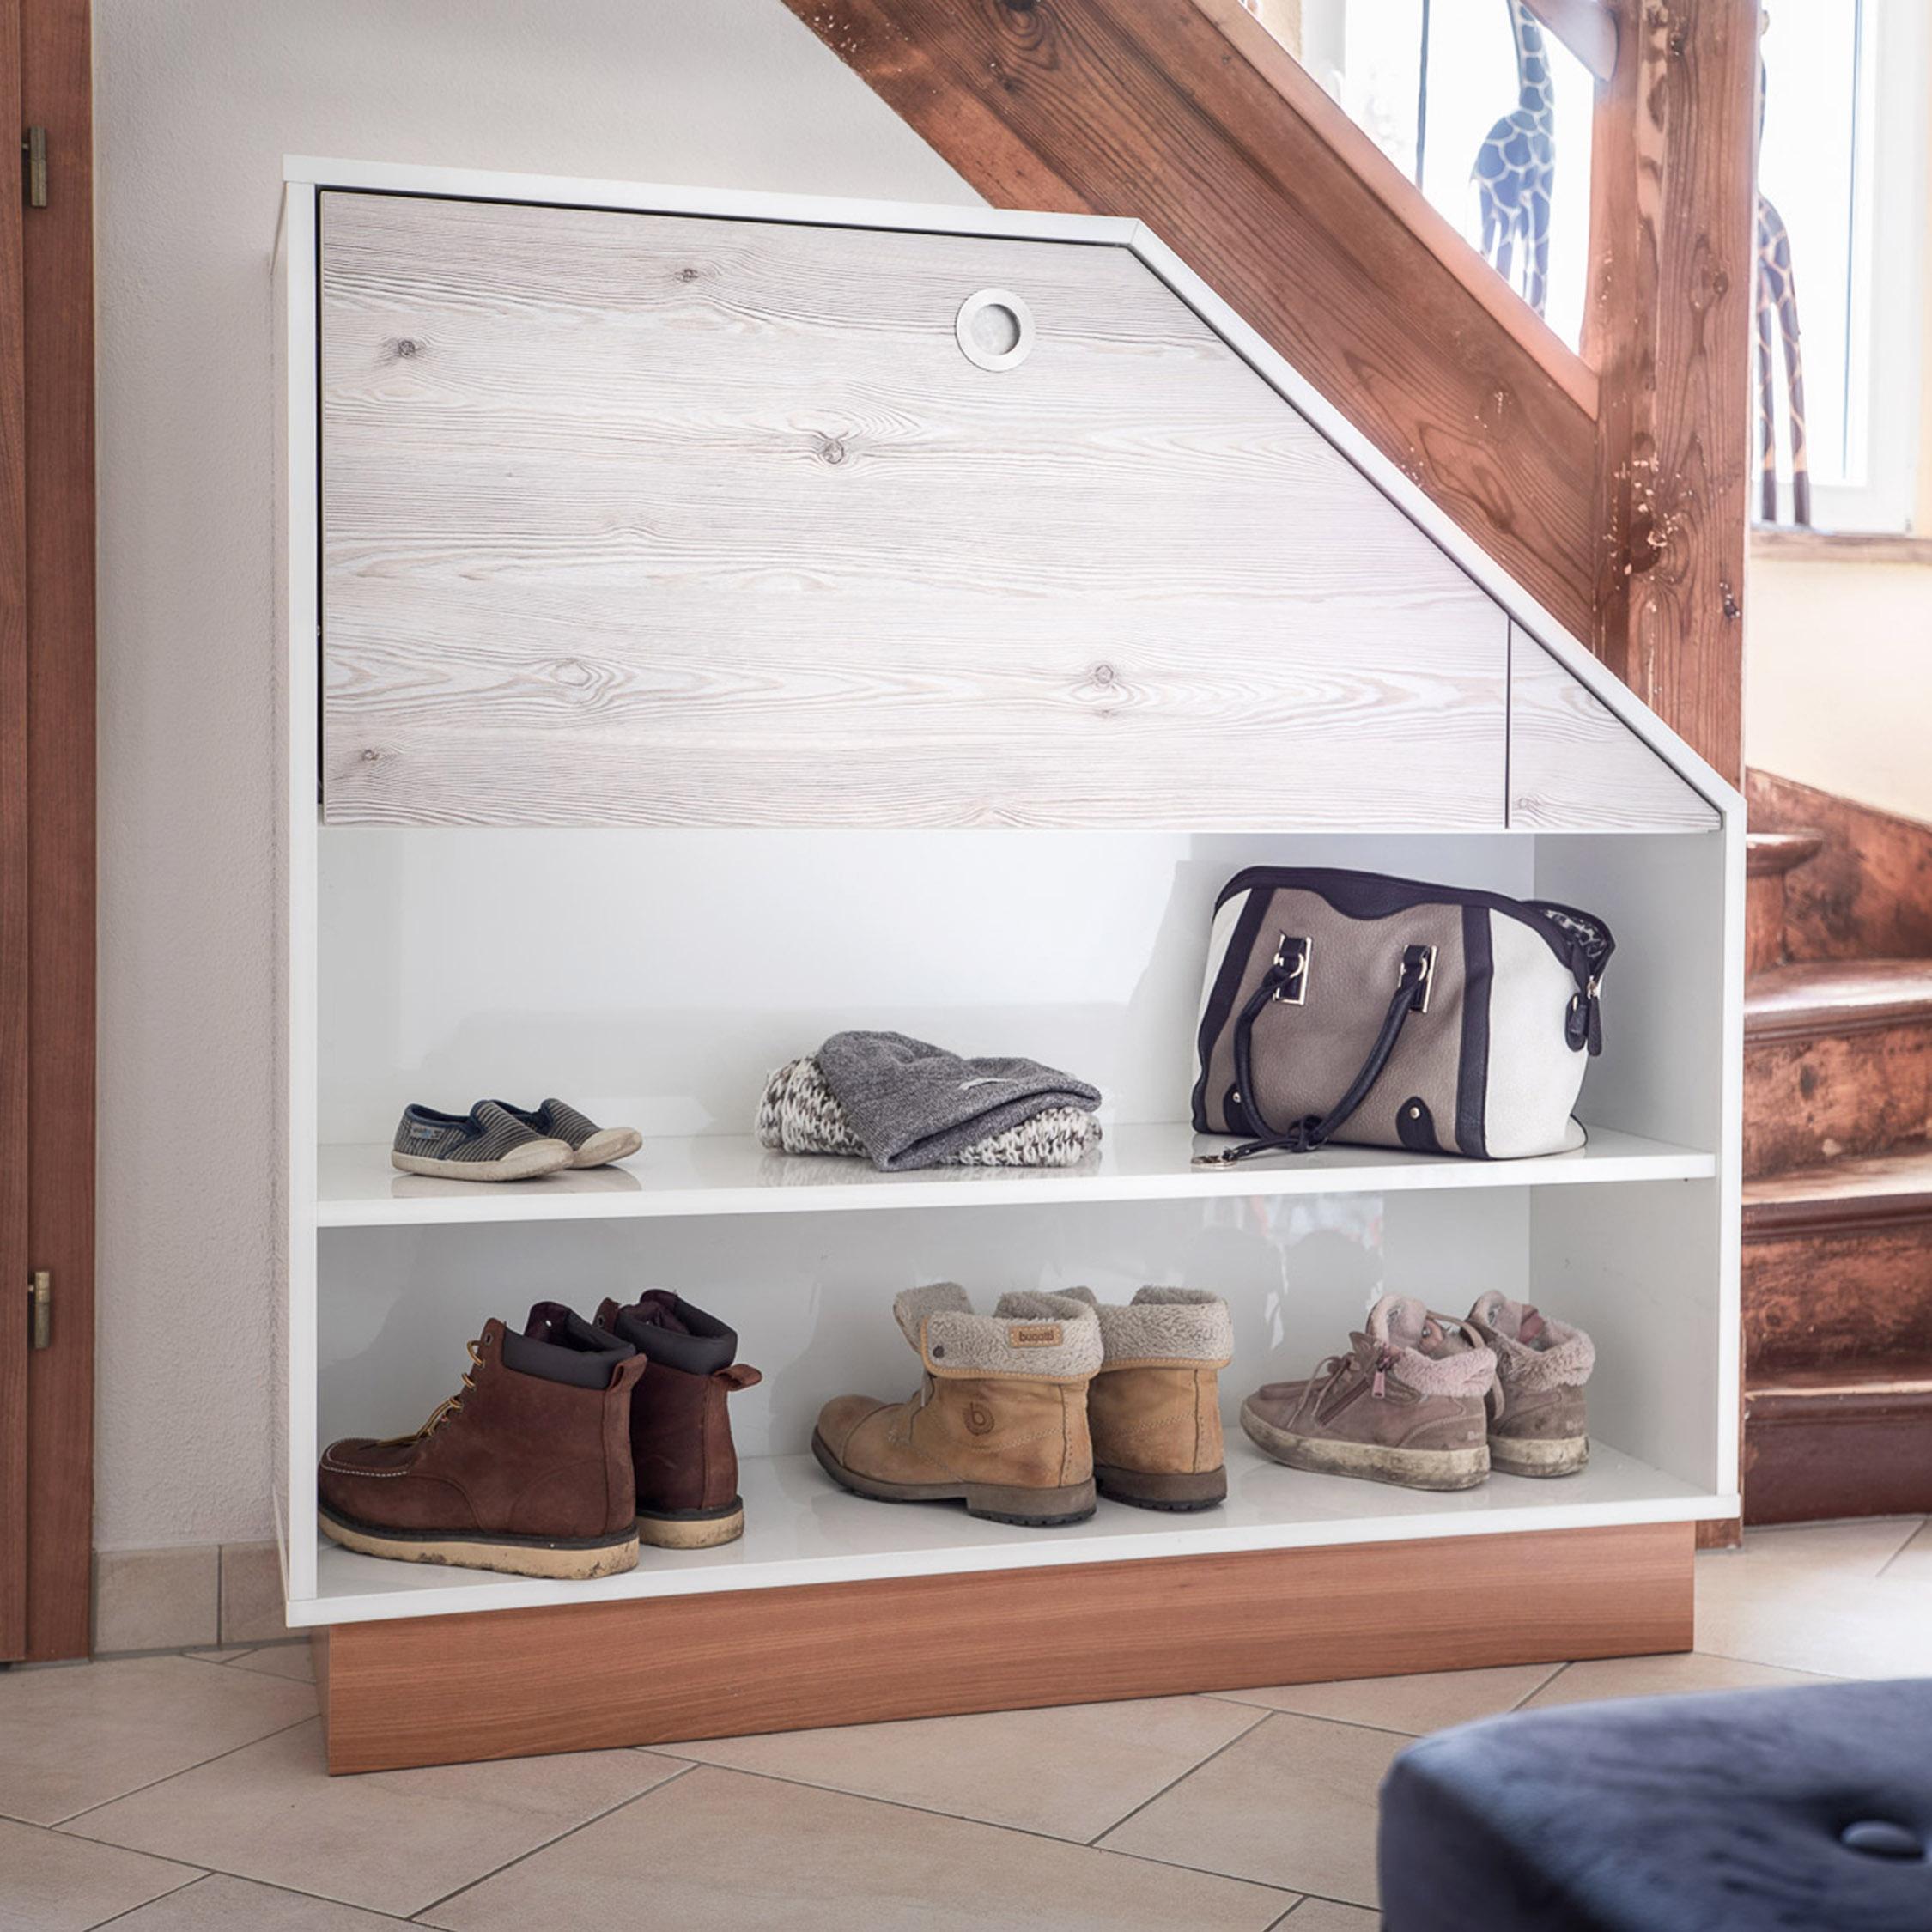 individuelle Möbel für die Garderobe mit hohem Nutzen